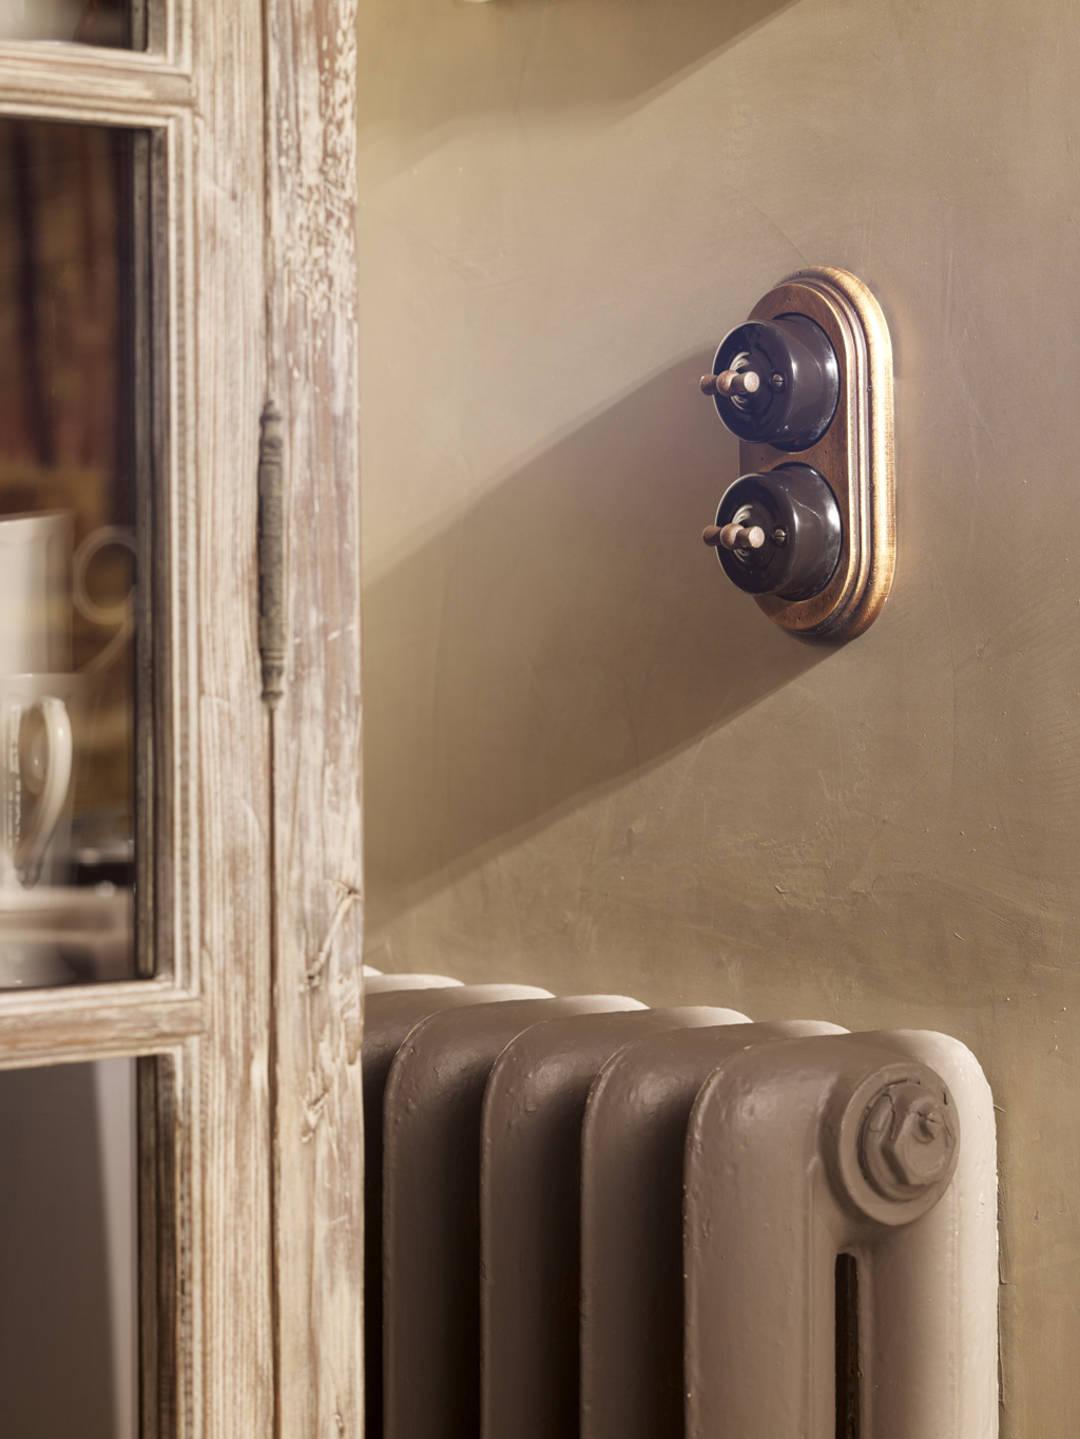 interruptors antics marrons sobre fusta imitació carcoma 635